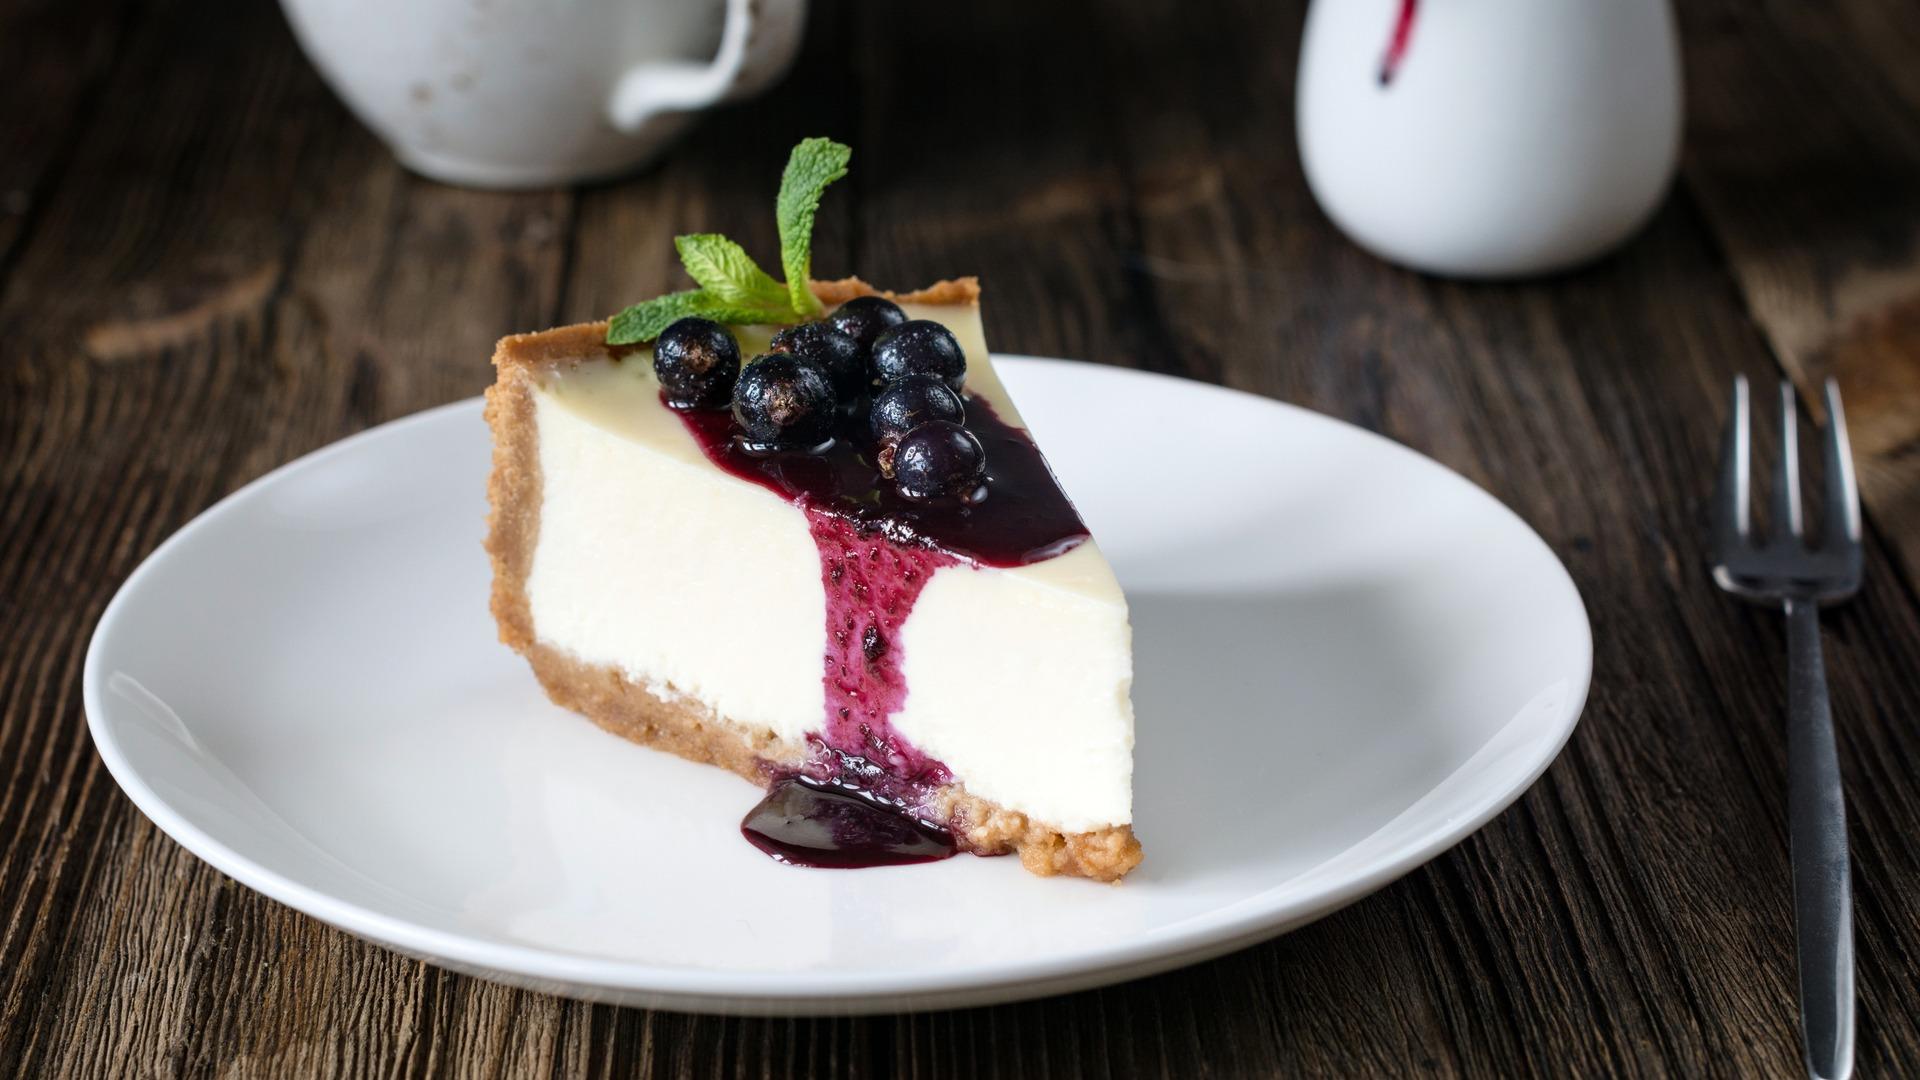 Neufchatel cheesecake, dessert